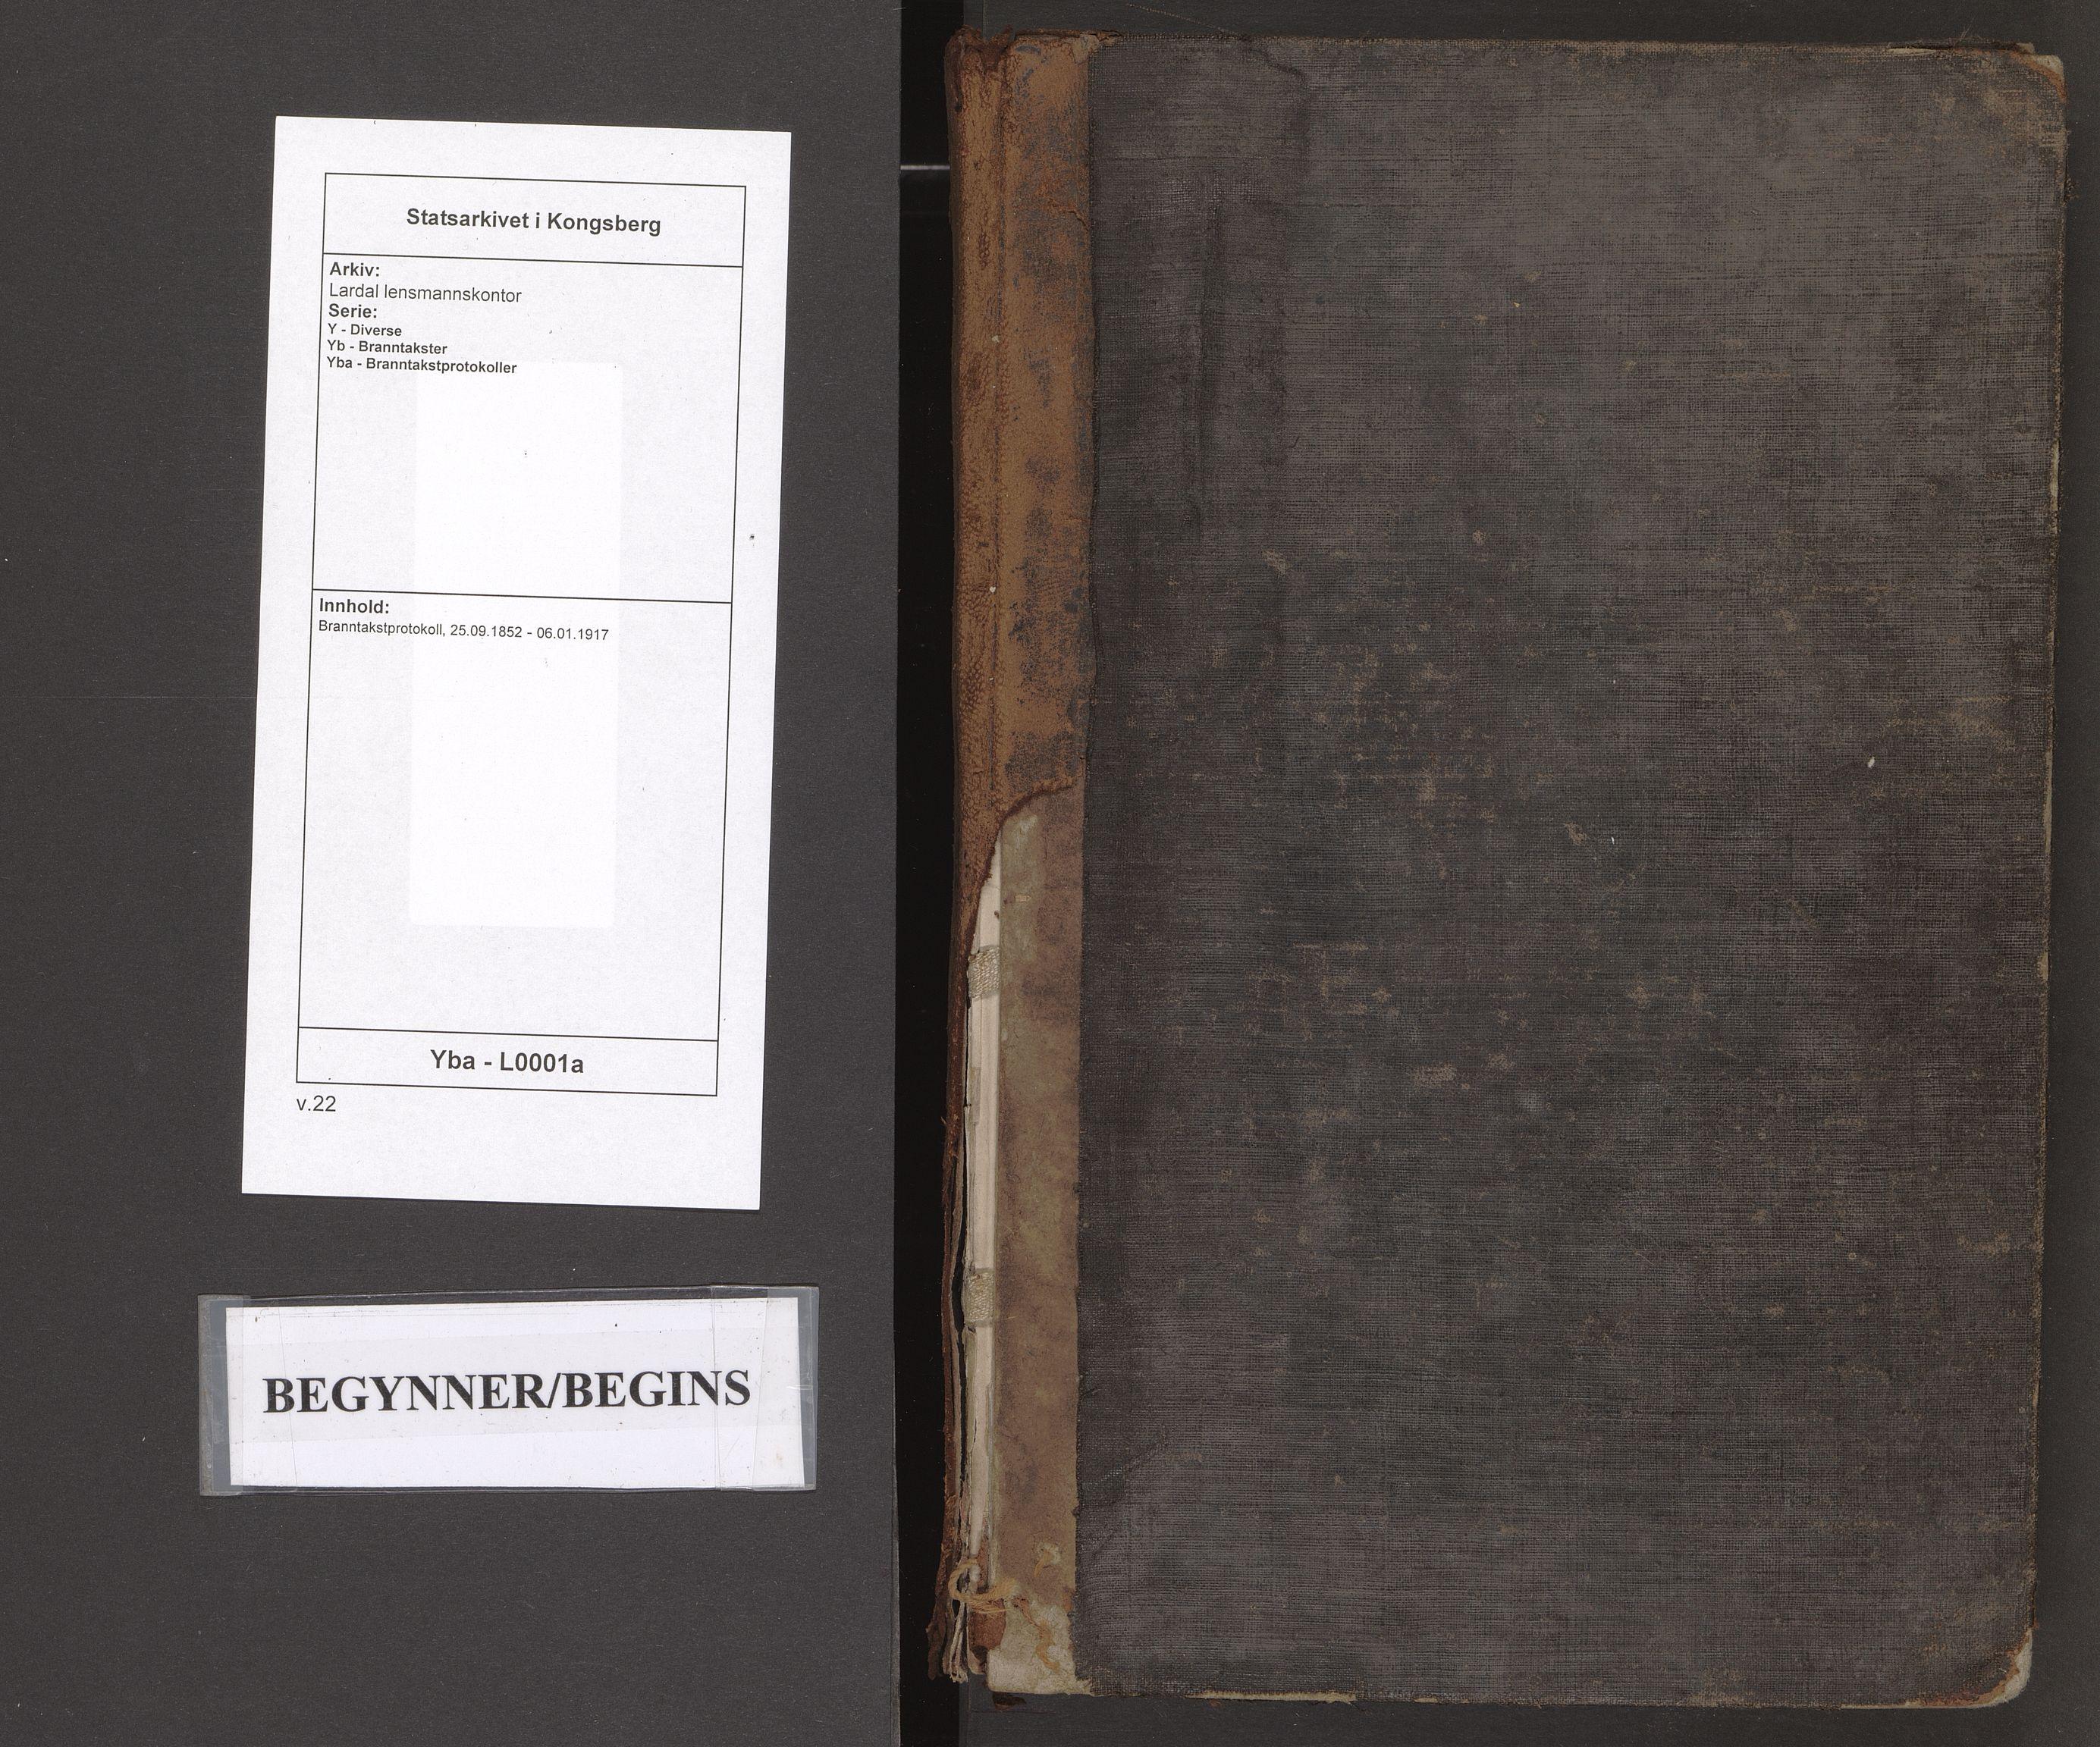 SAKO, Lardal lensmannskontor, Y/Yb/Yba/L0001a: Branntakstprotokoll, 1852-1917